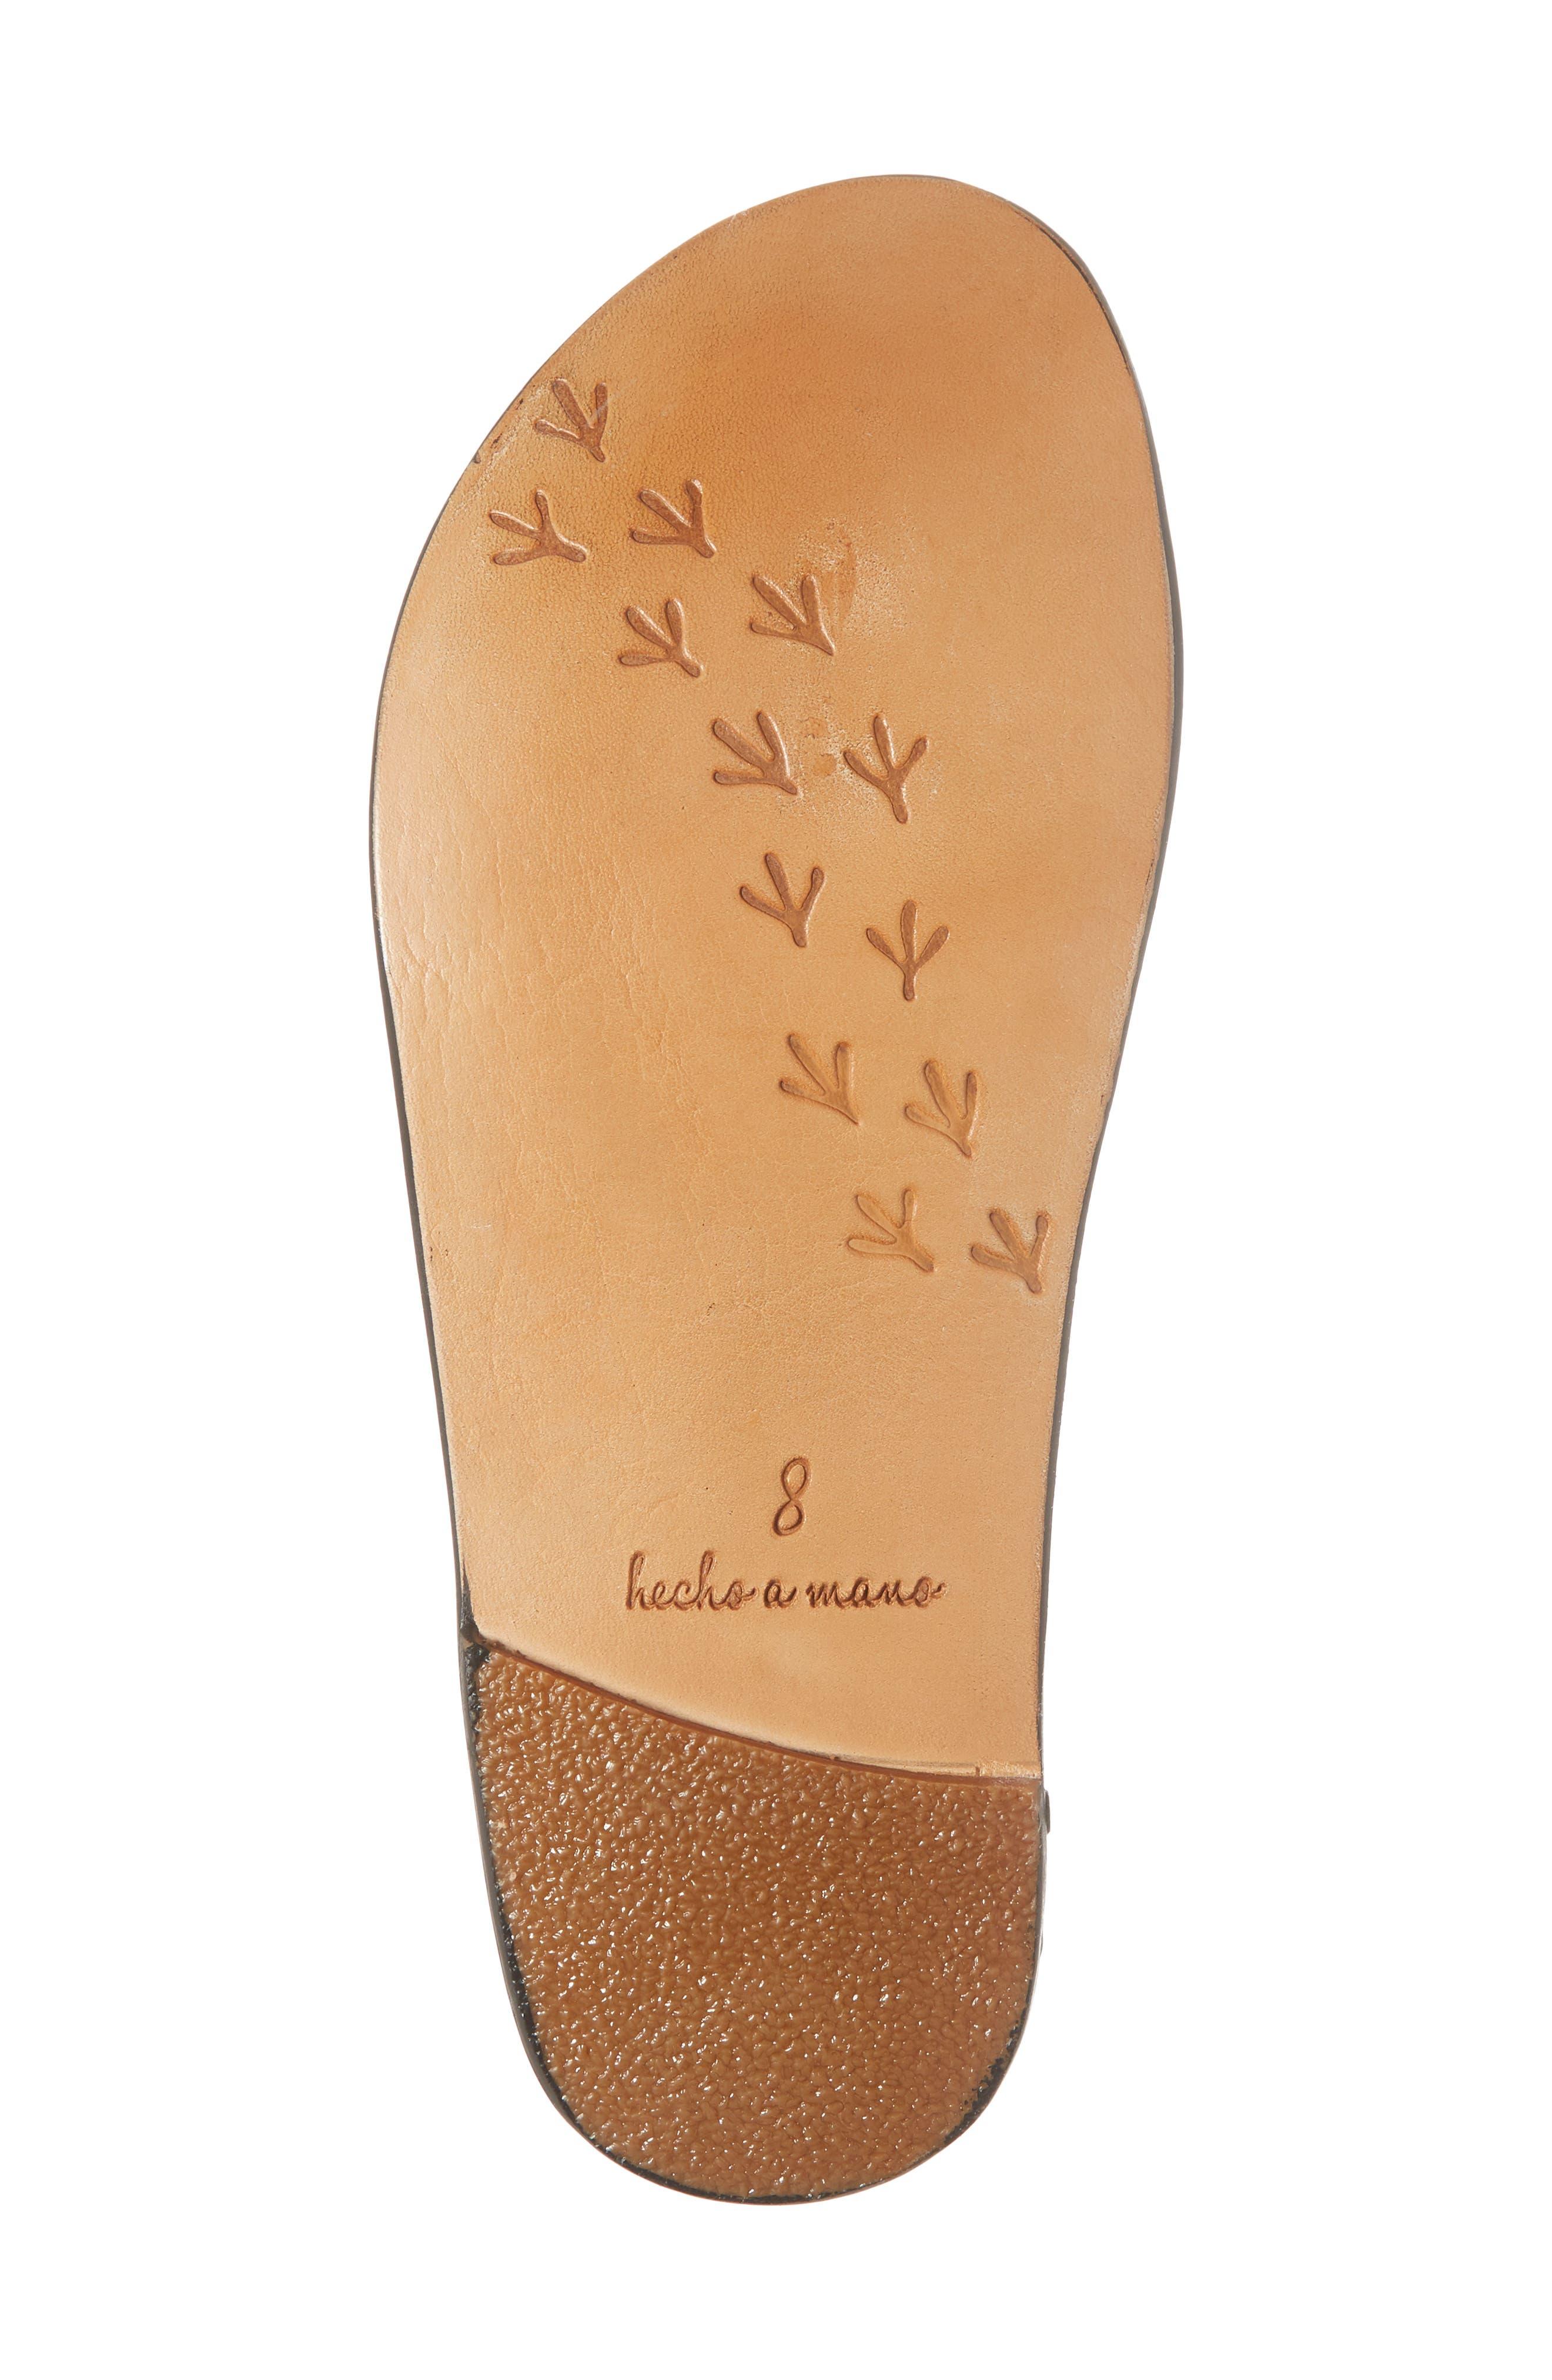 Lovebird Studded Slide Sandal,                             Alternate thumbnail 6, color,                             Black/ Black